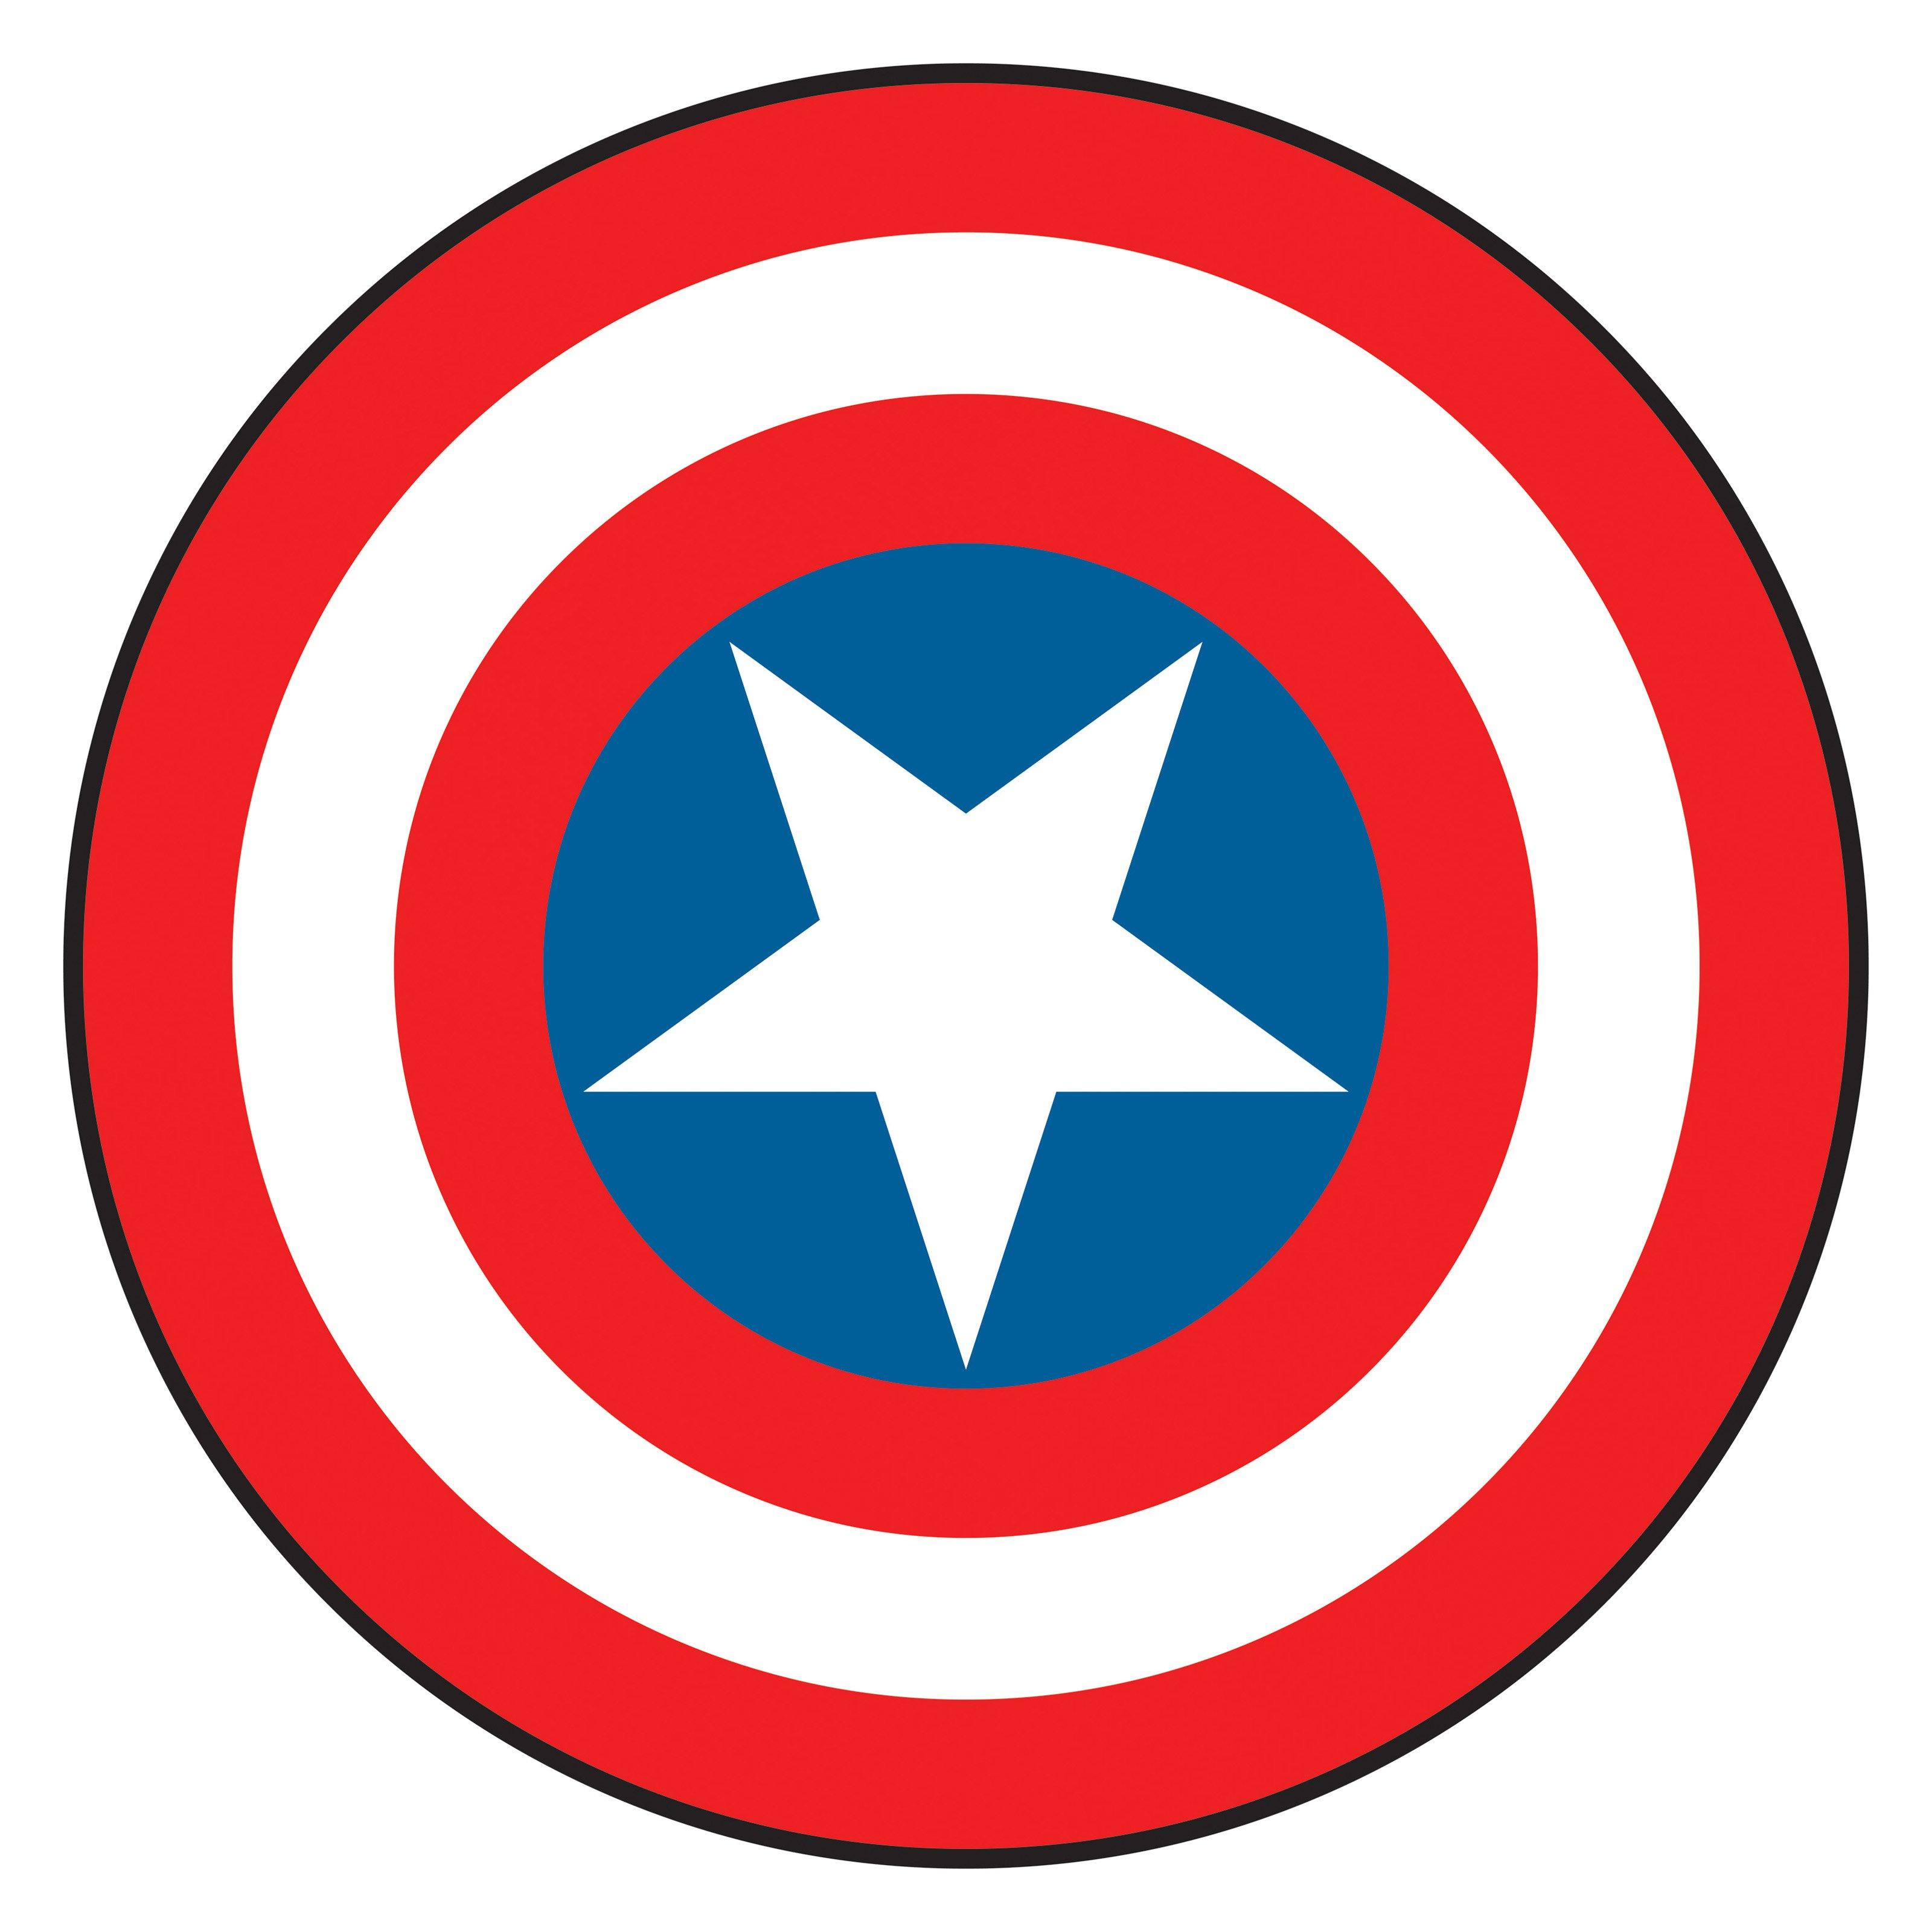 Captain America Shield Clipart #1-Captain America Shield Clipart #1-12